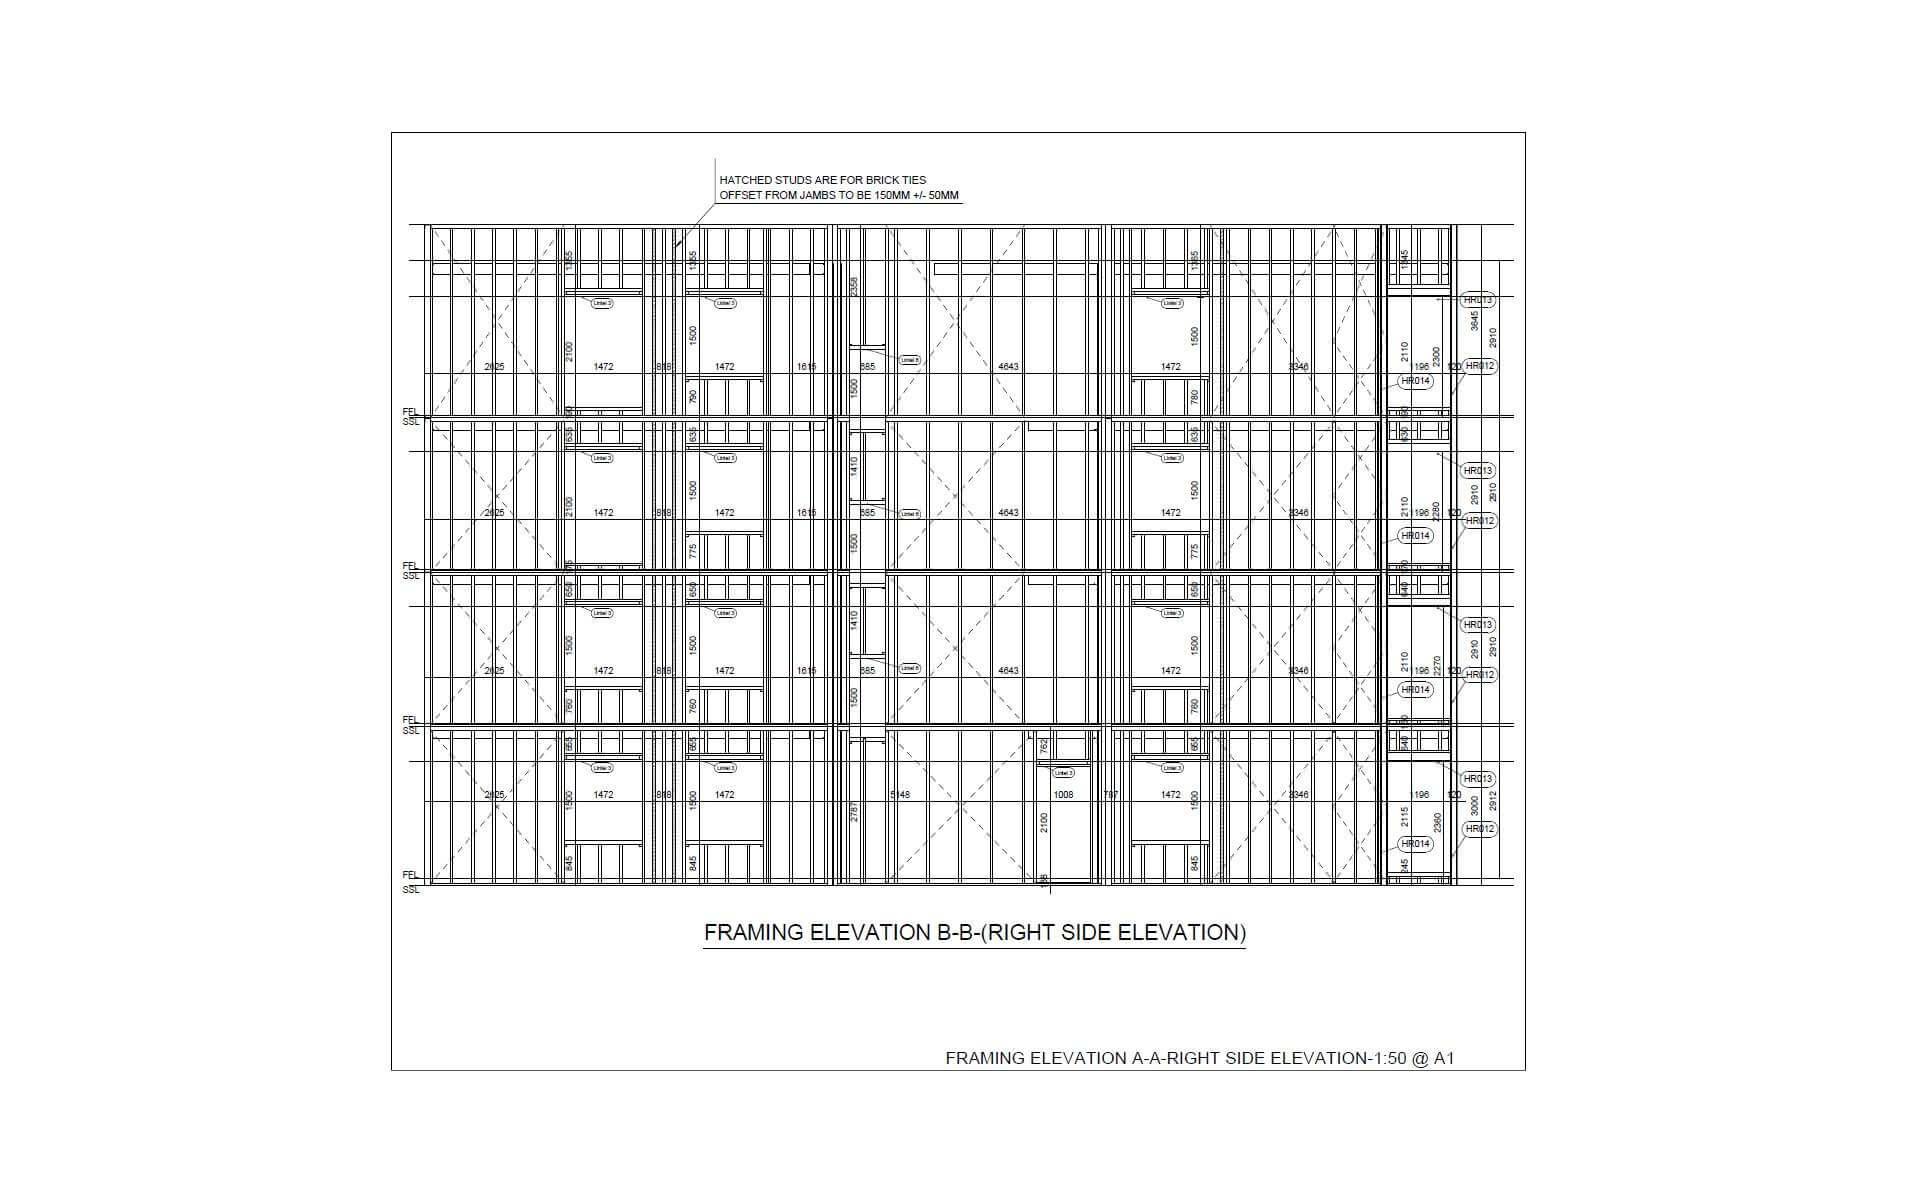 Vertex BD Cold-Formed Steel Framing Elevation Drawing